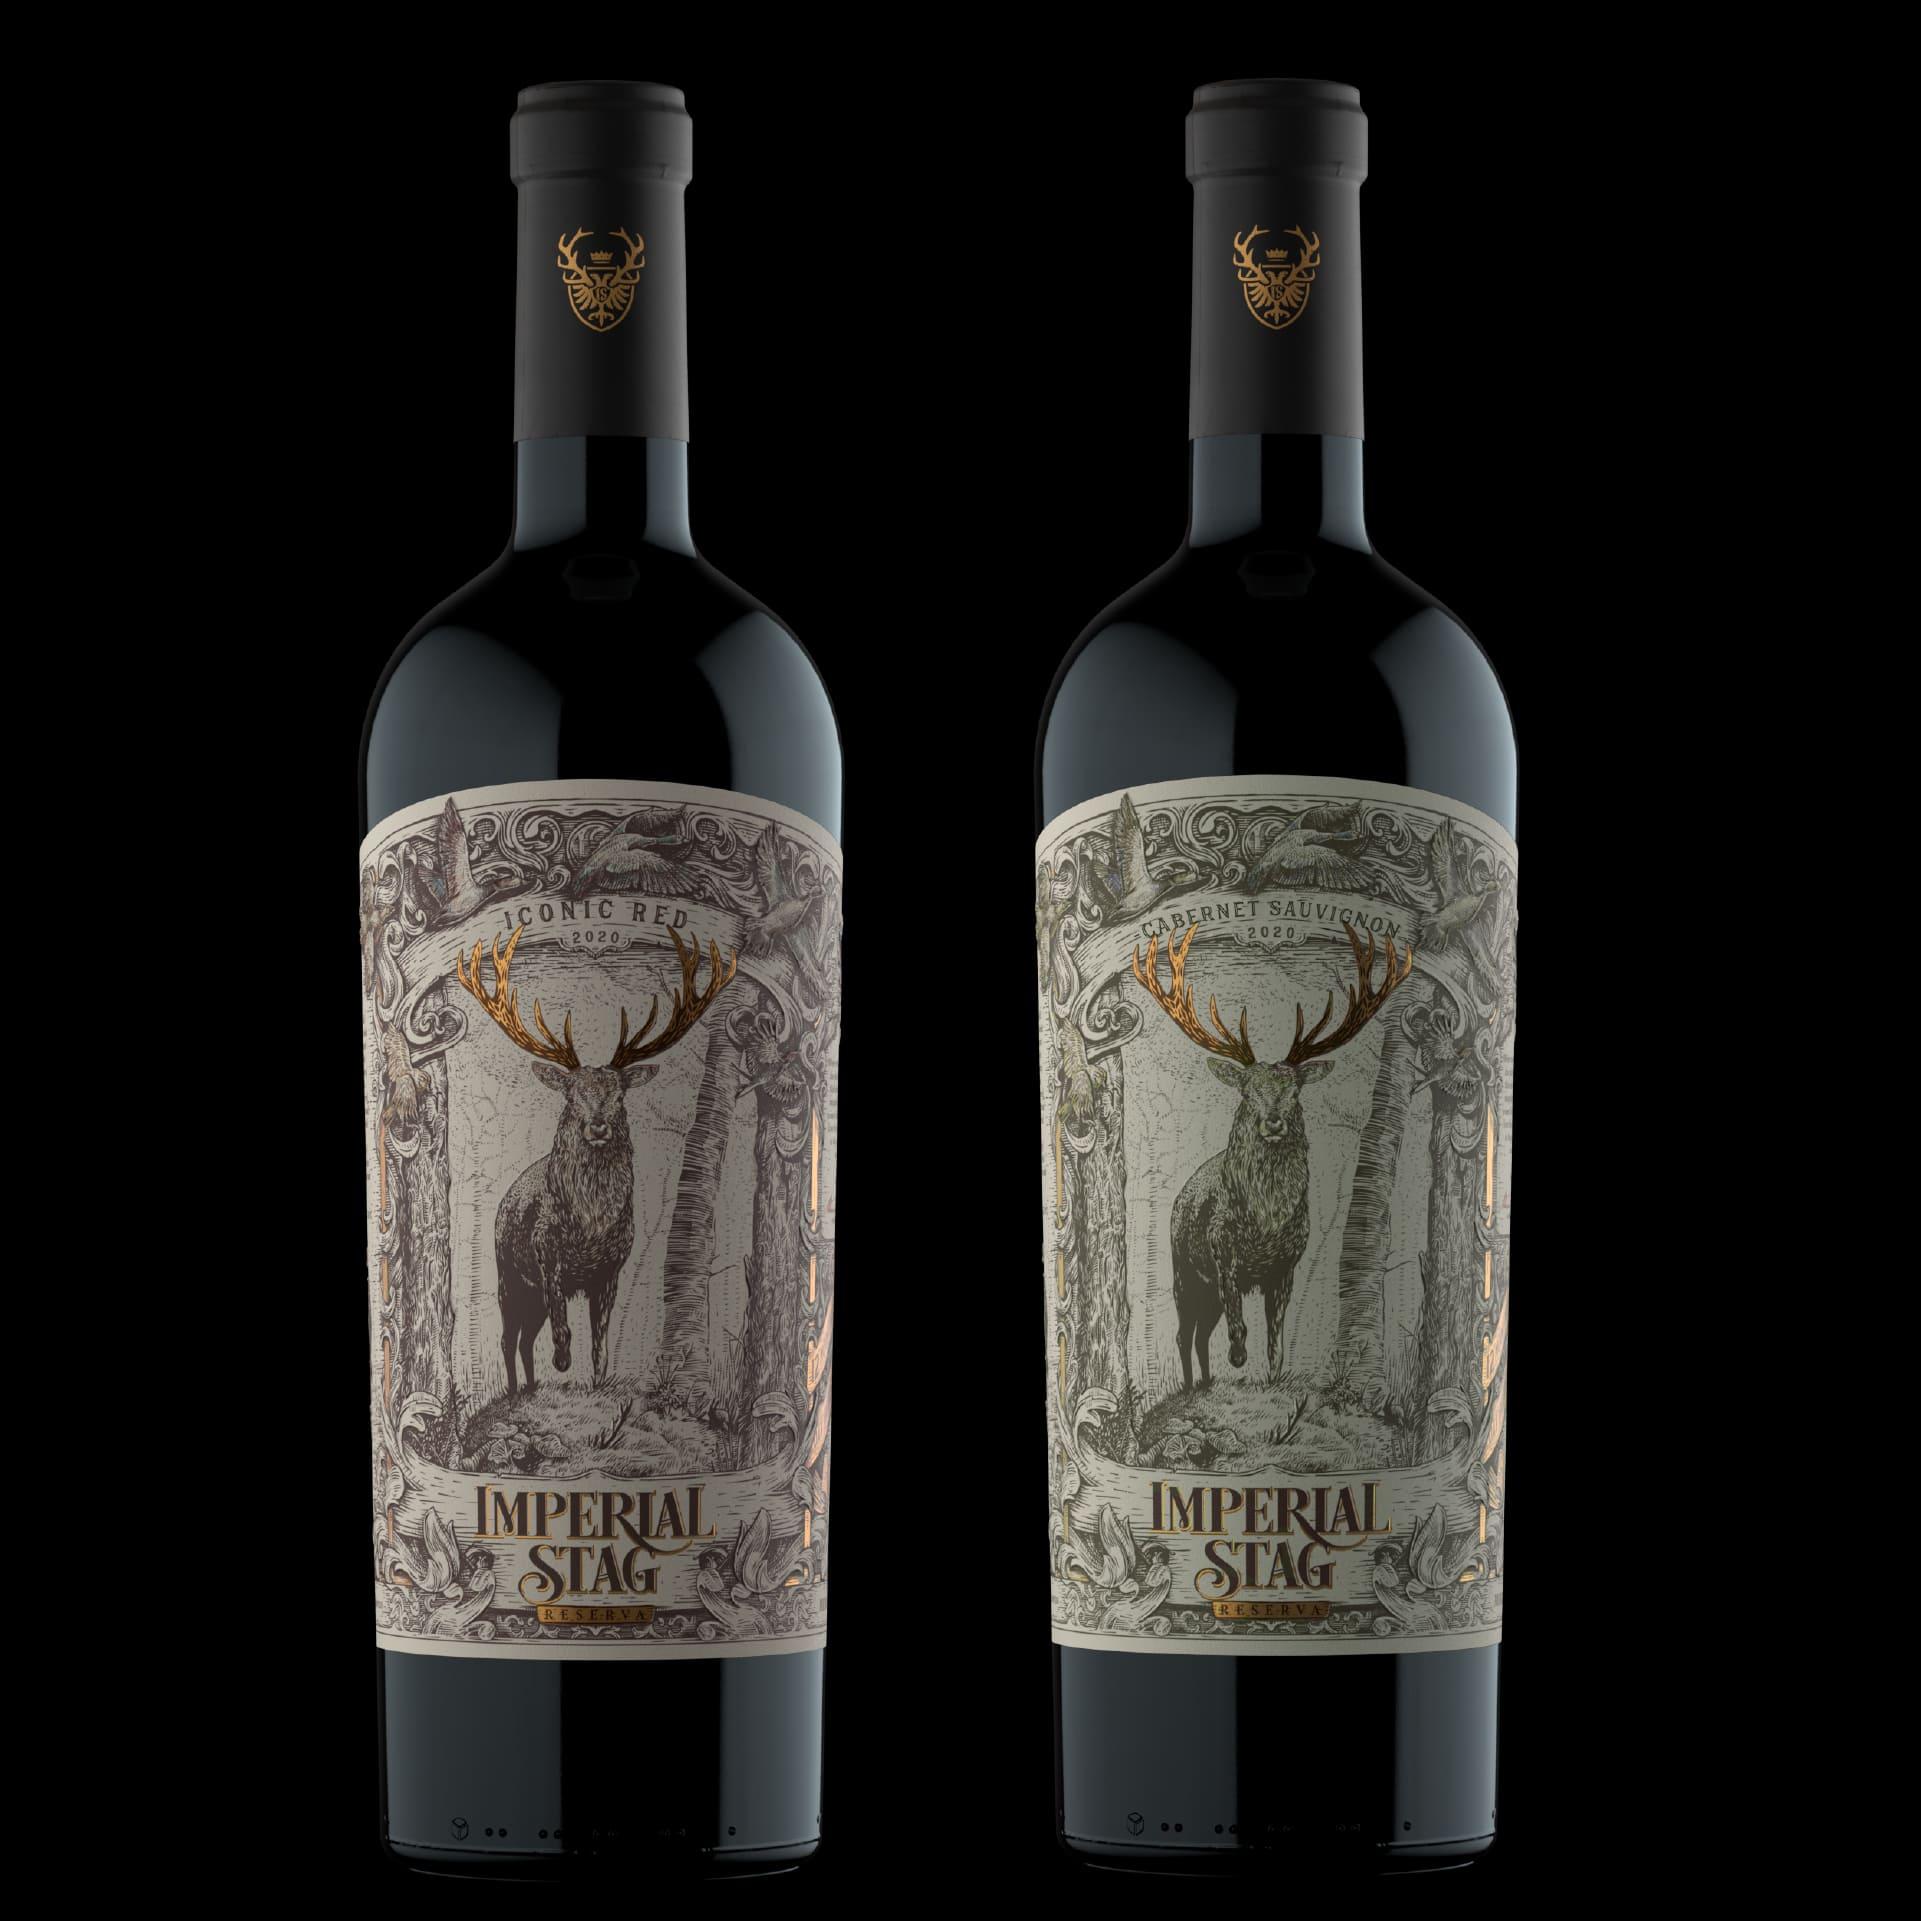 Estudio Argo Create Label Design and Illustration for Imperial Stag Wine